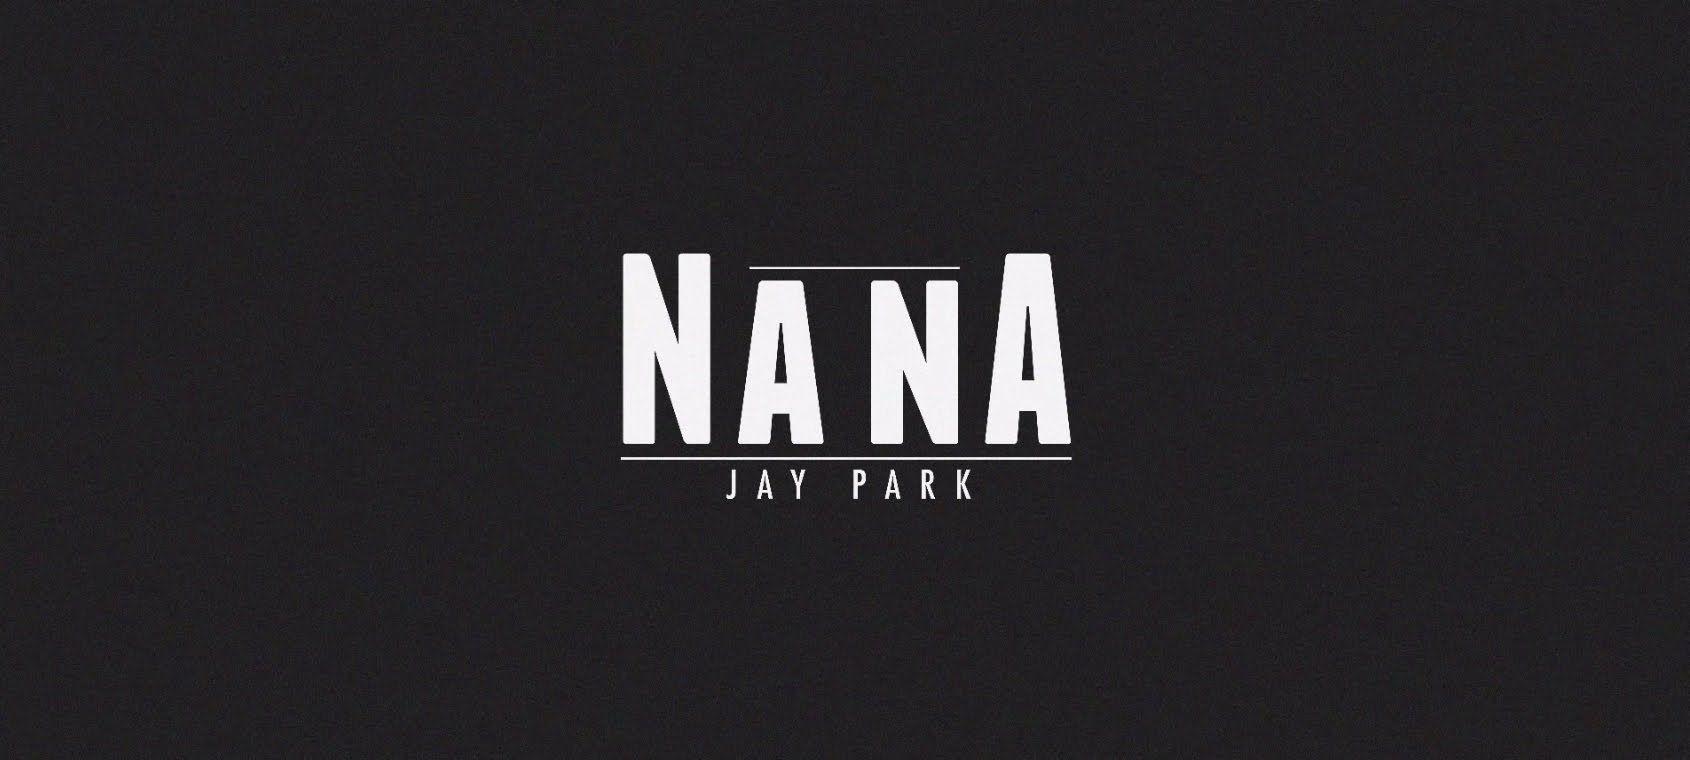 Jay Park (박재범)  - 나나 (NaNa)